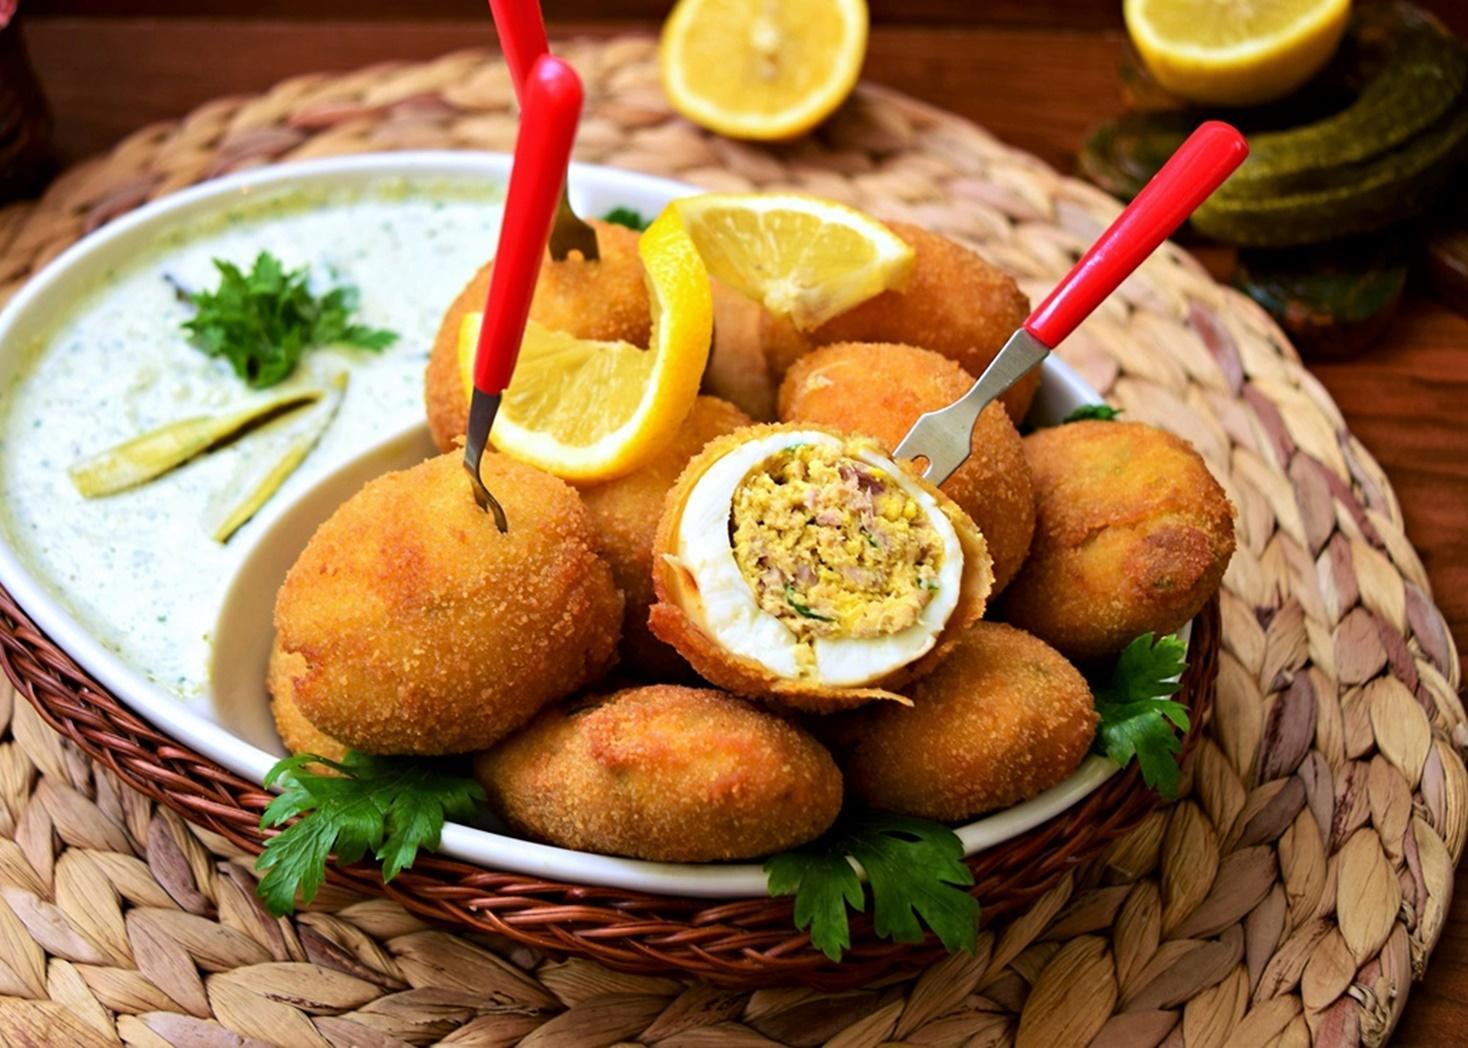 Rețetă de Ouă pane cu sos de iaurt și castraveți murați